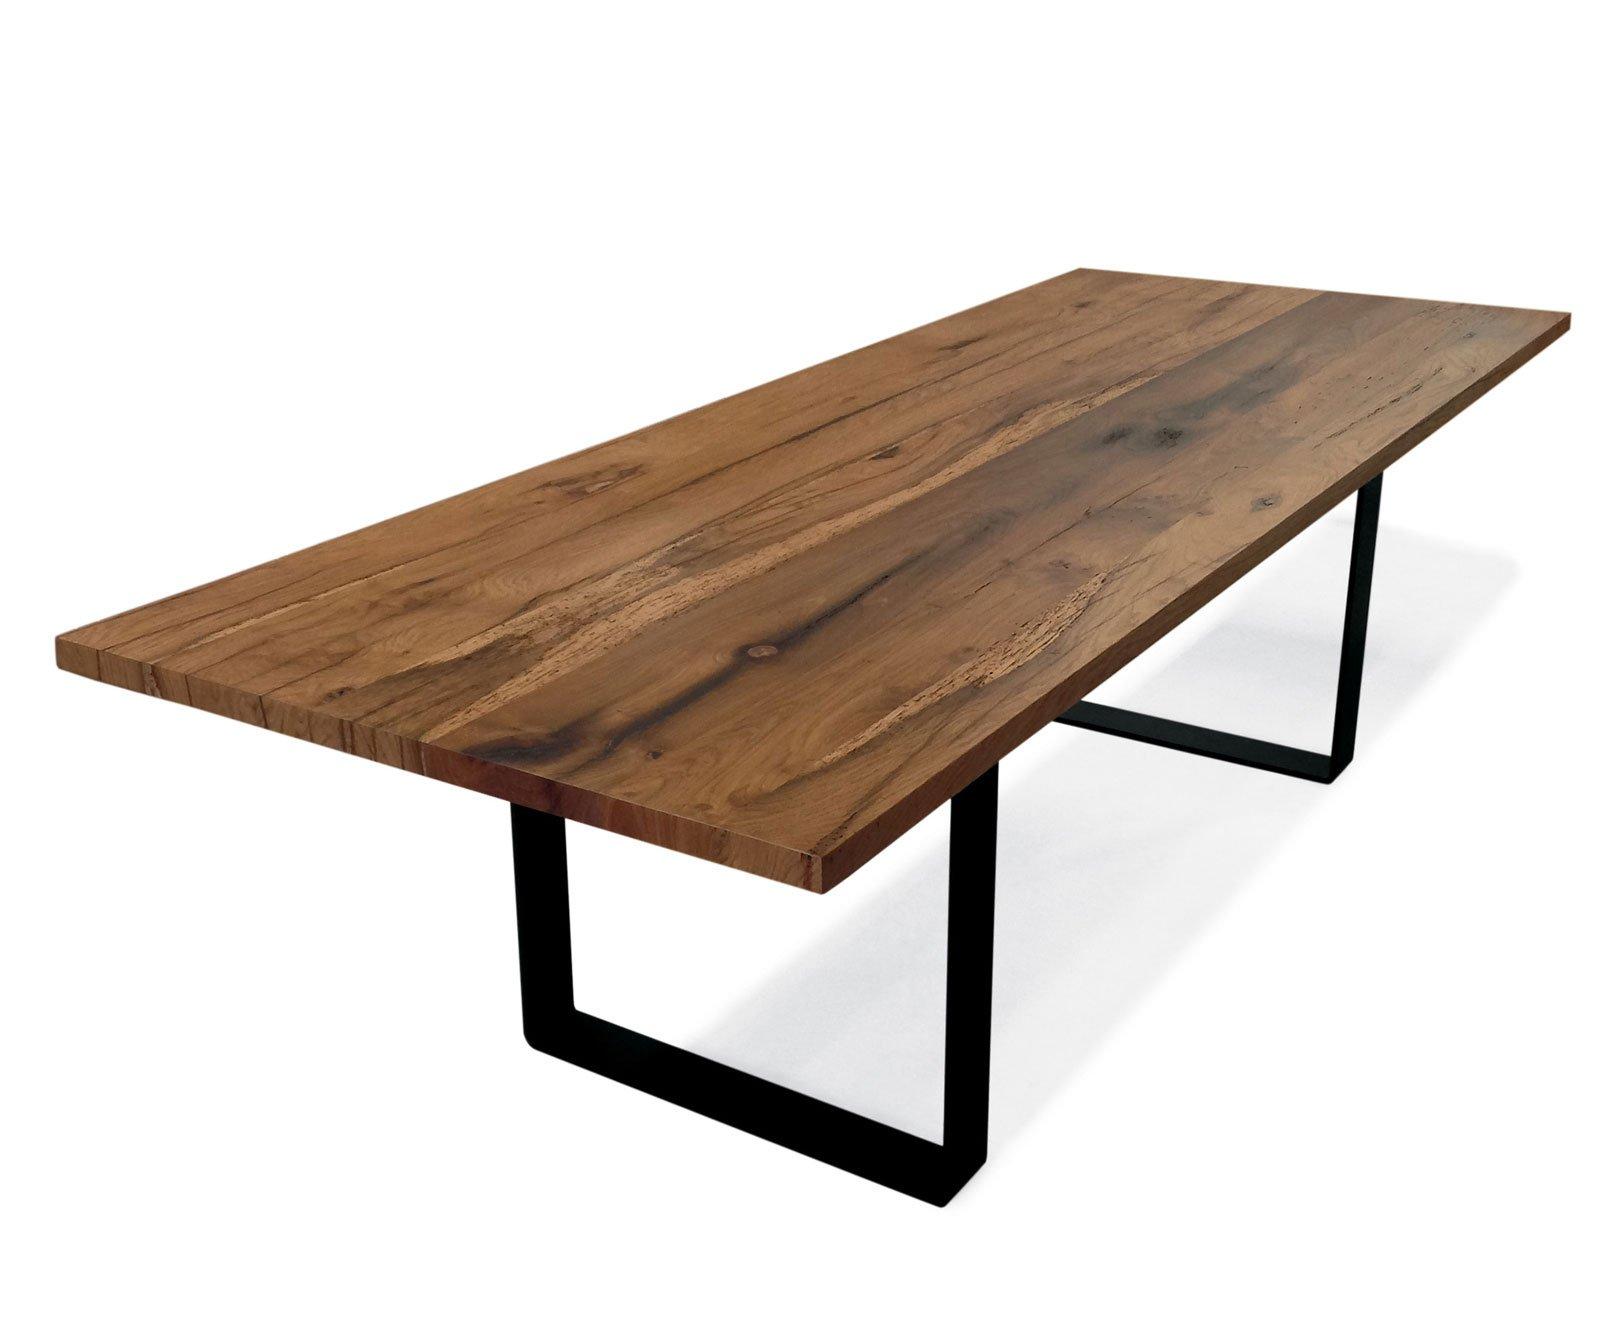 Tavoli al salone del mobile 2015 prevale l 39 essenzialit for Piano casa per 1000 piedi quadrati